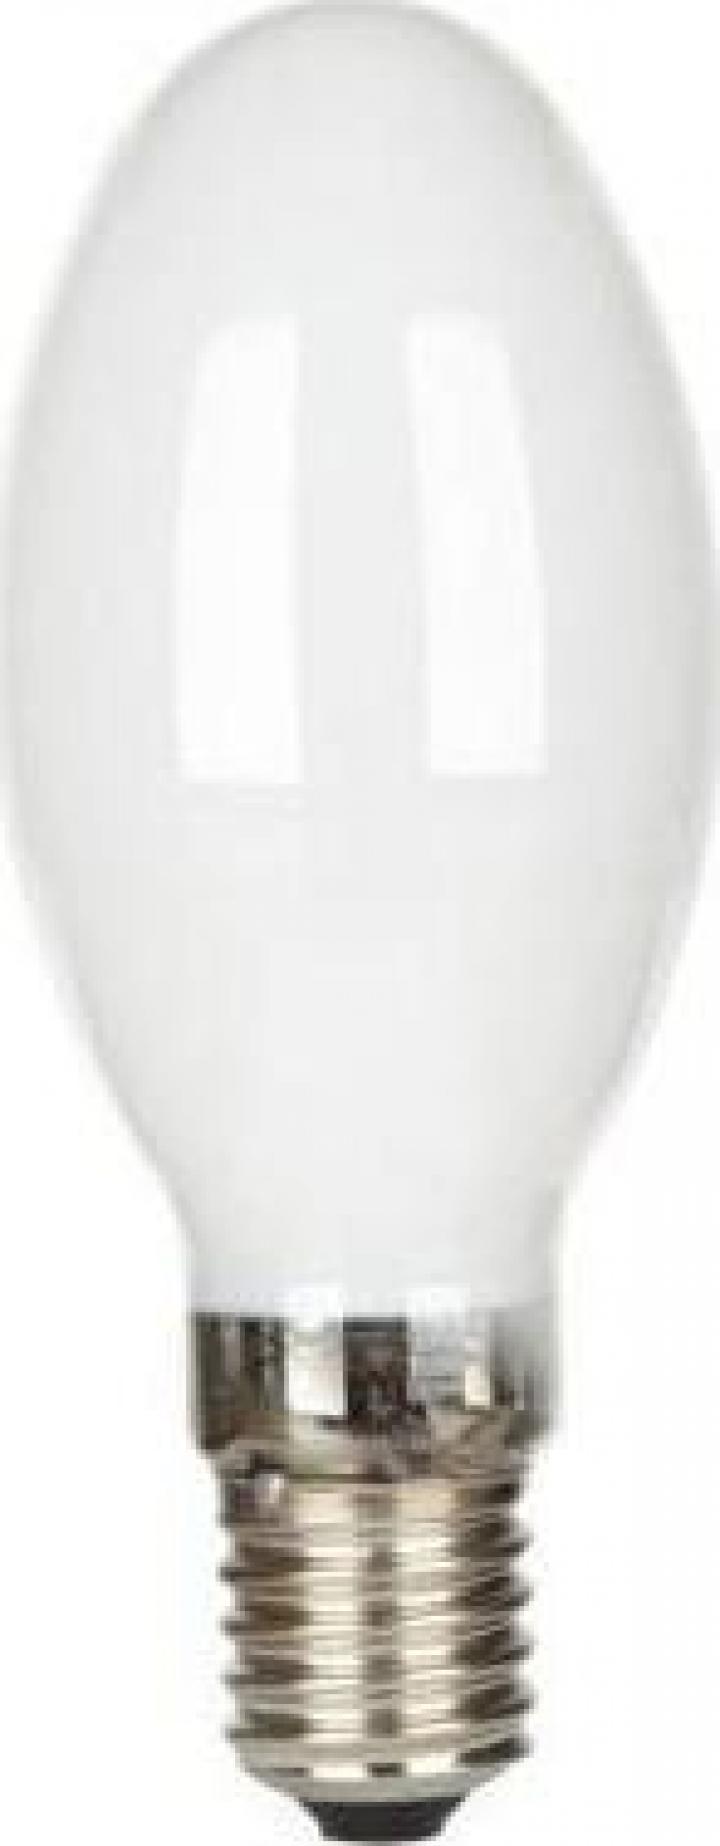 Bec sodiu Lucalox LU250/D/40 MIH 250W E40 44052